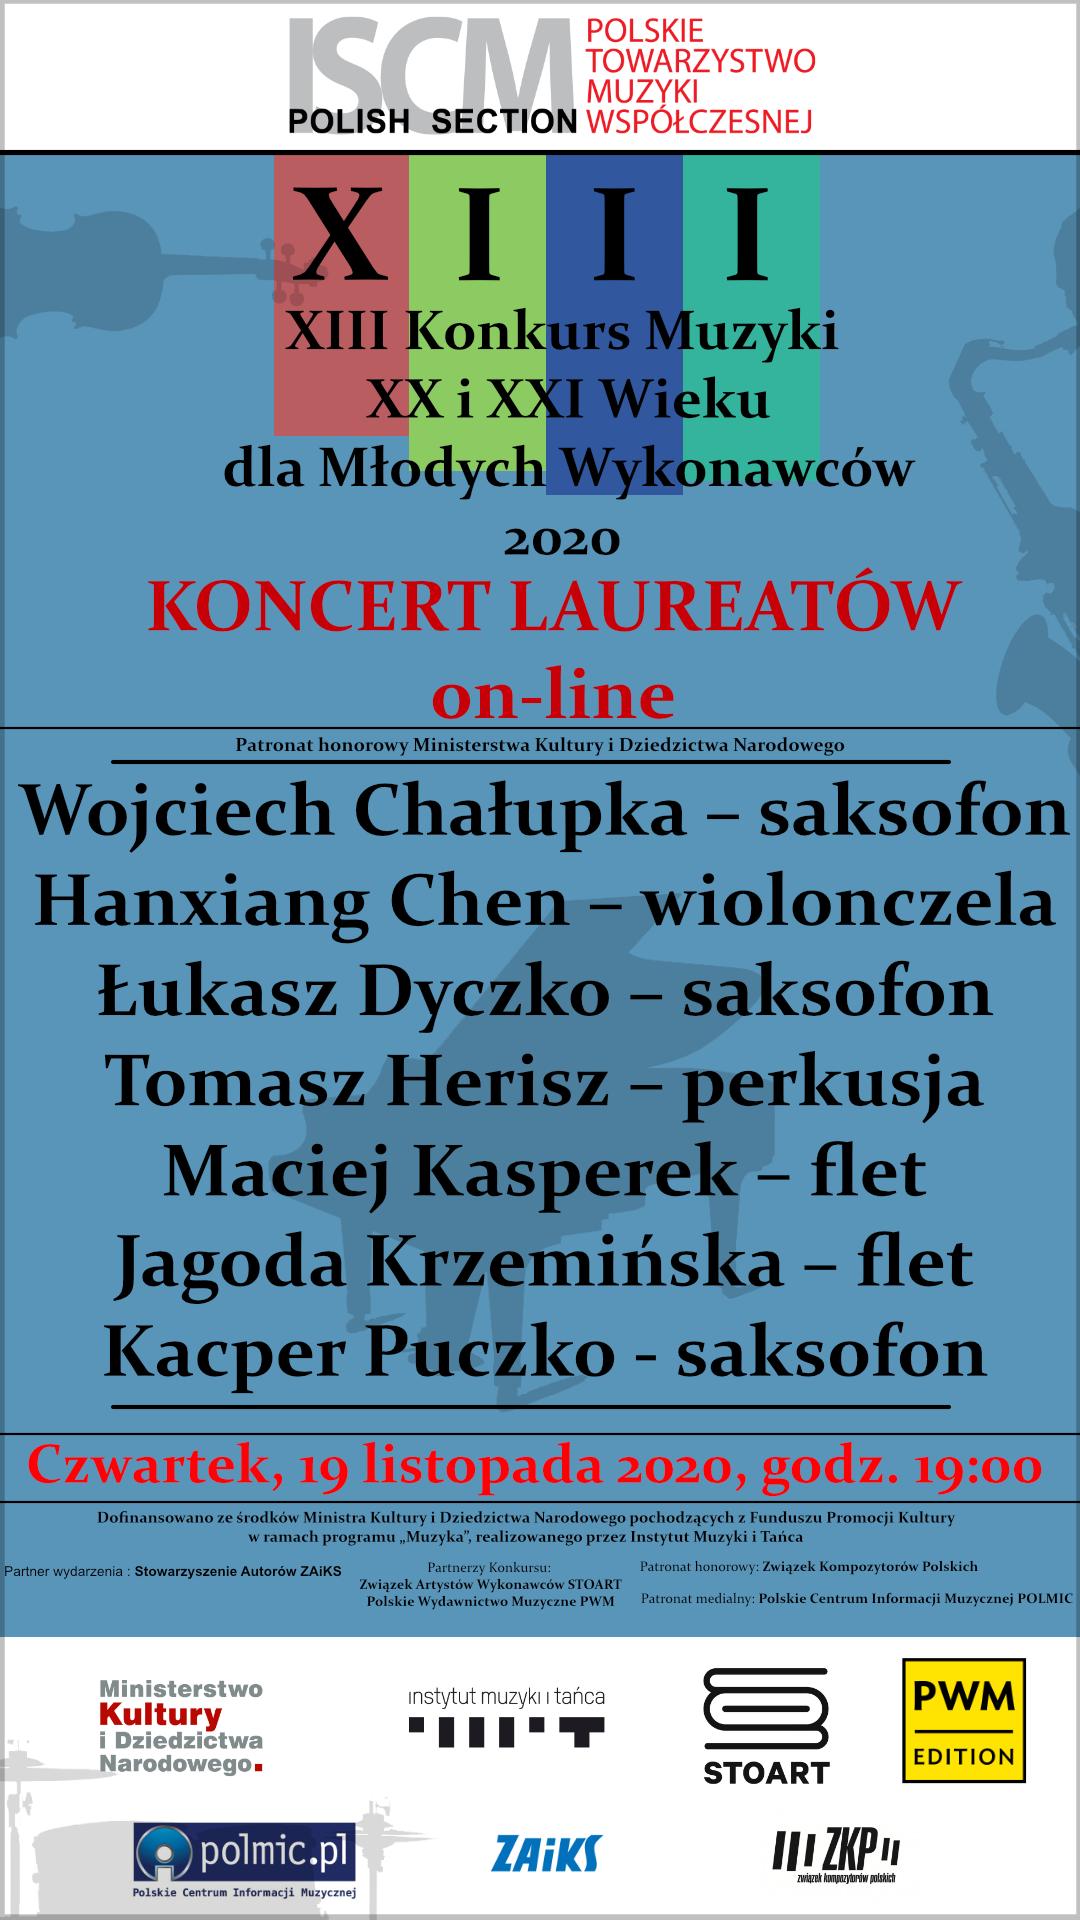 13KM Koncert Laureatów z ramka